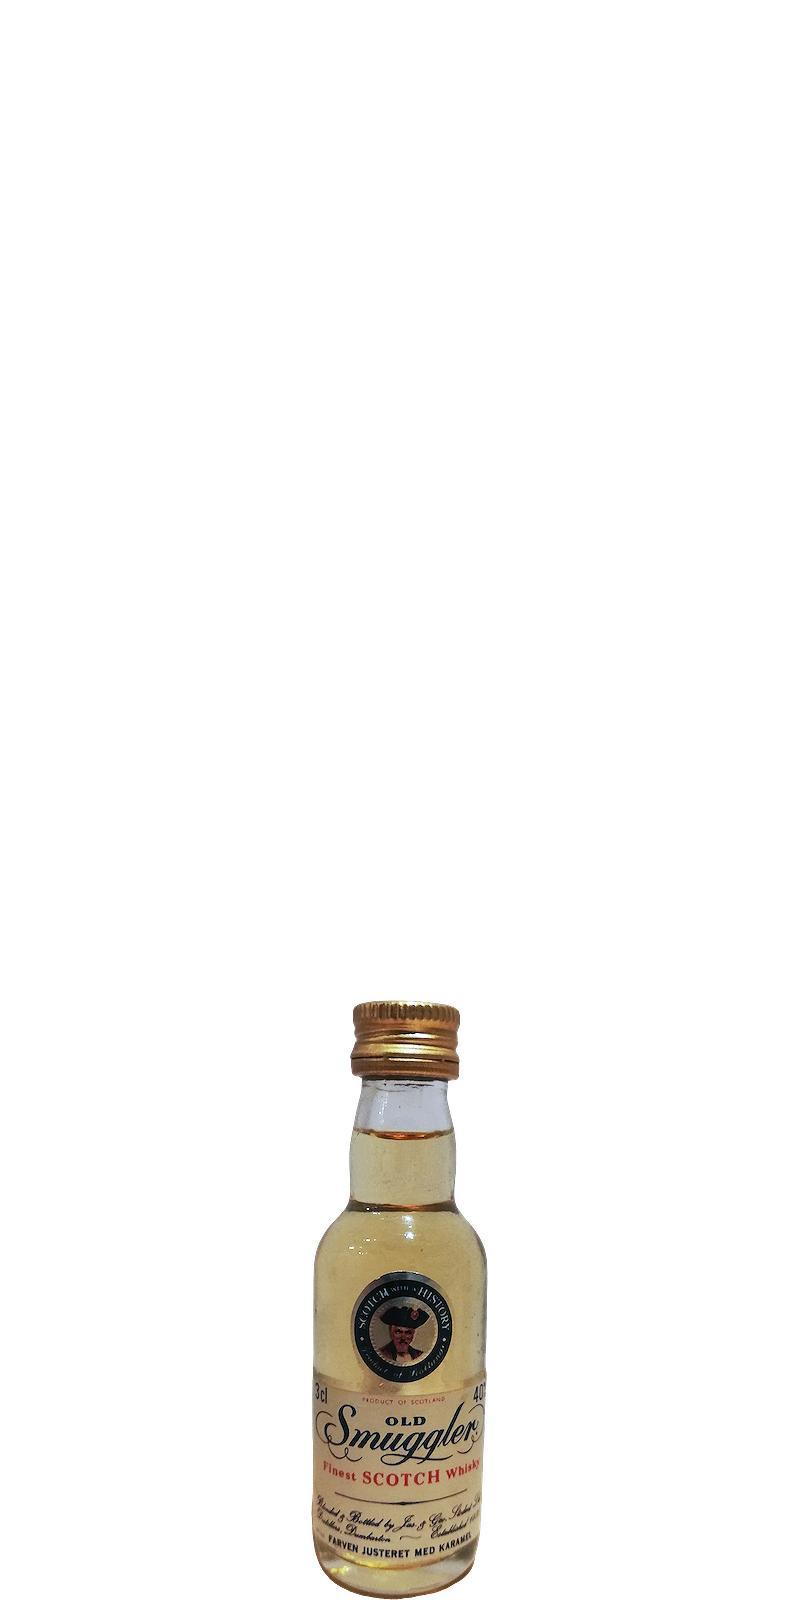 Old Smuggler Finest Scotch Whisky